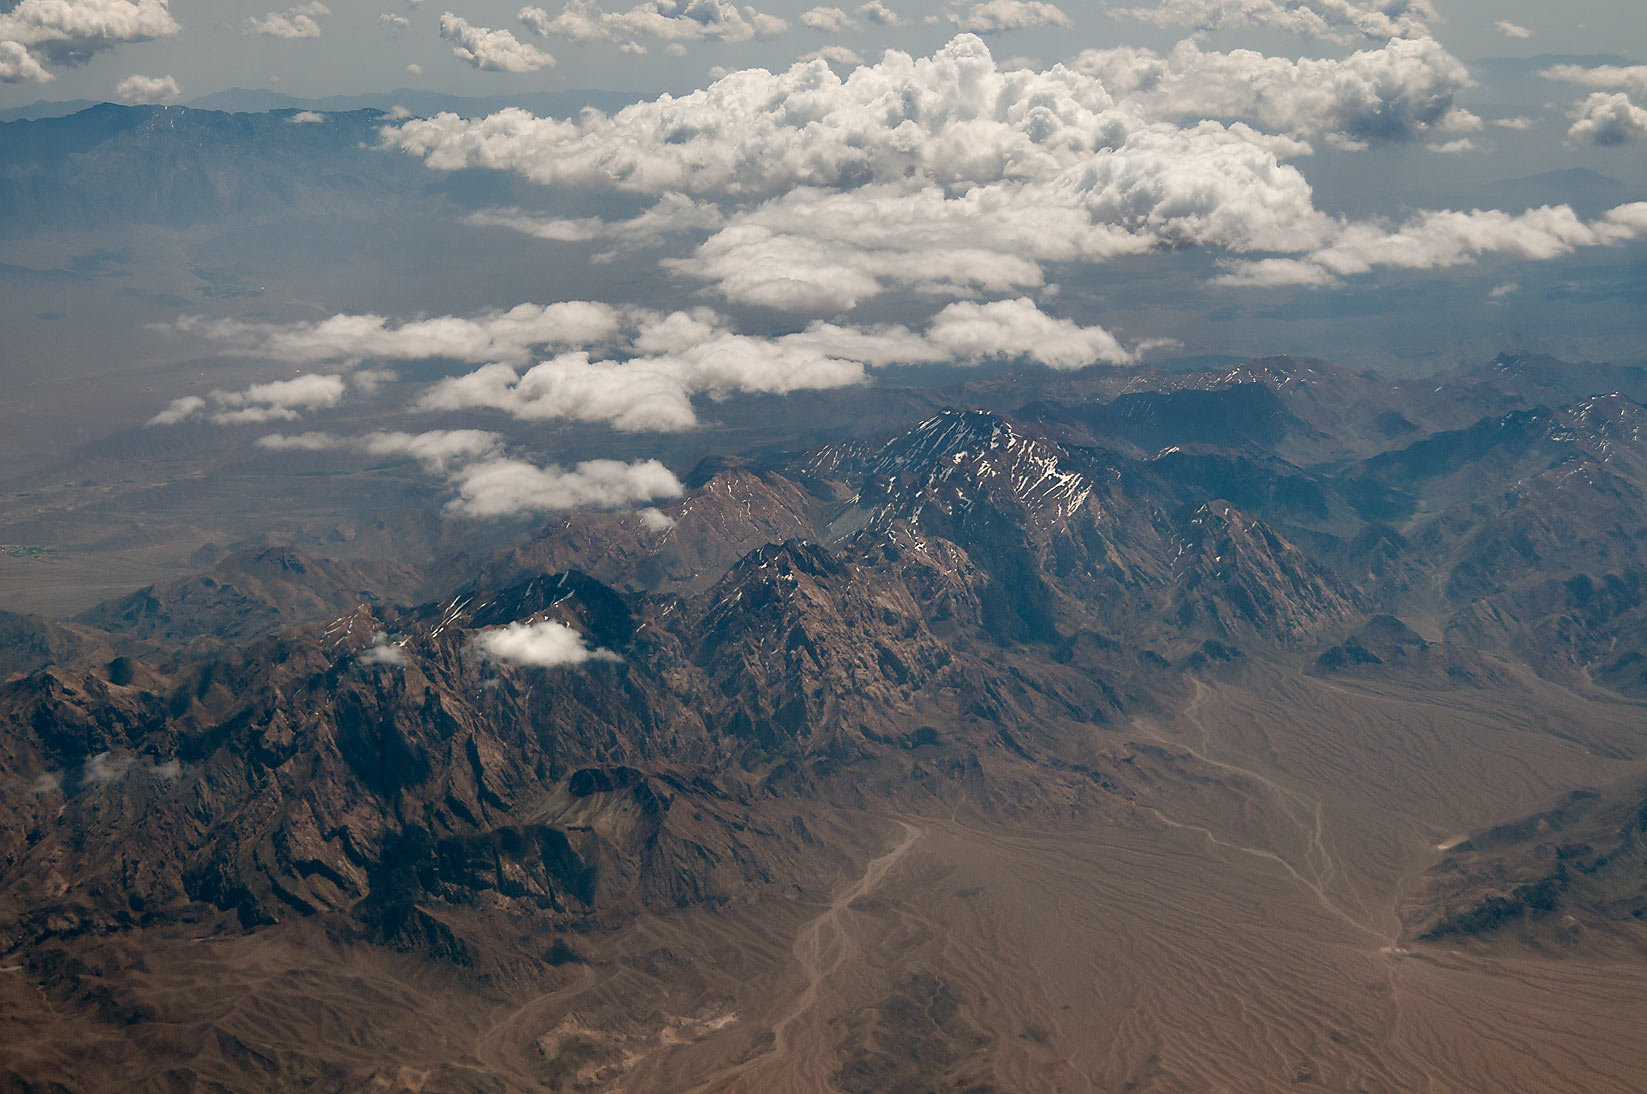 Что будет, если поджечь парашют на высоте нескольких тысяч метров над землёй?